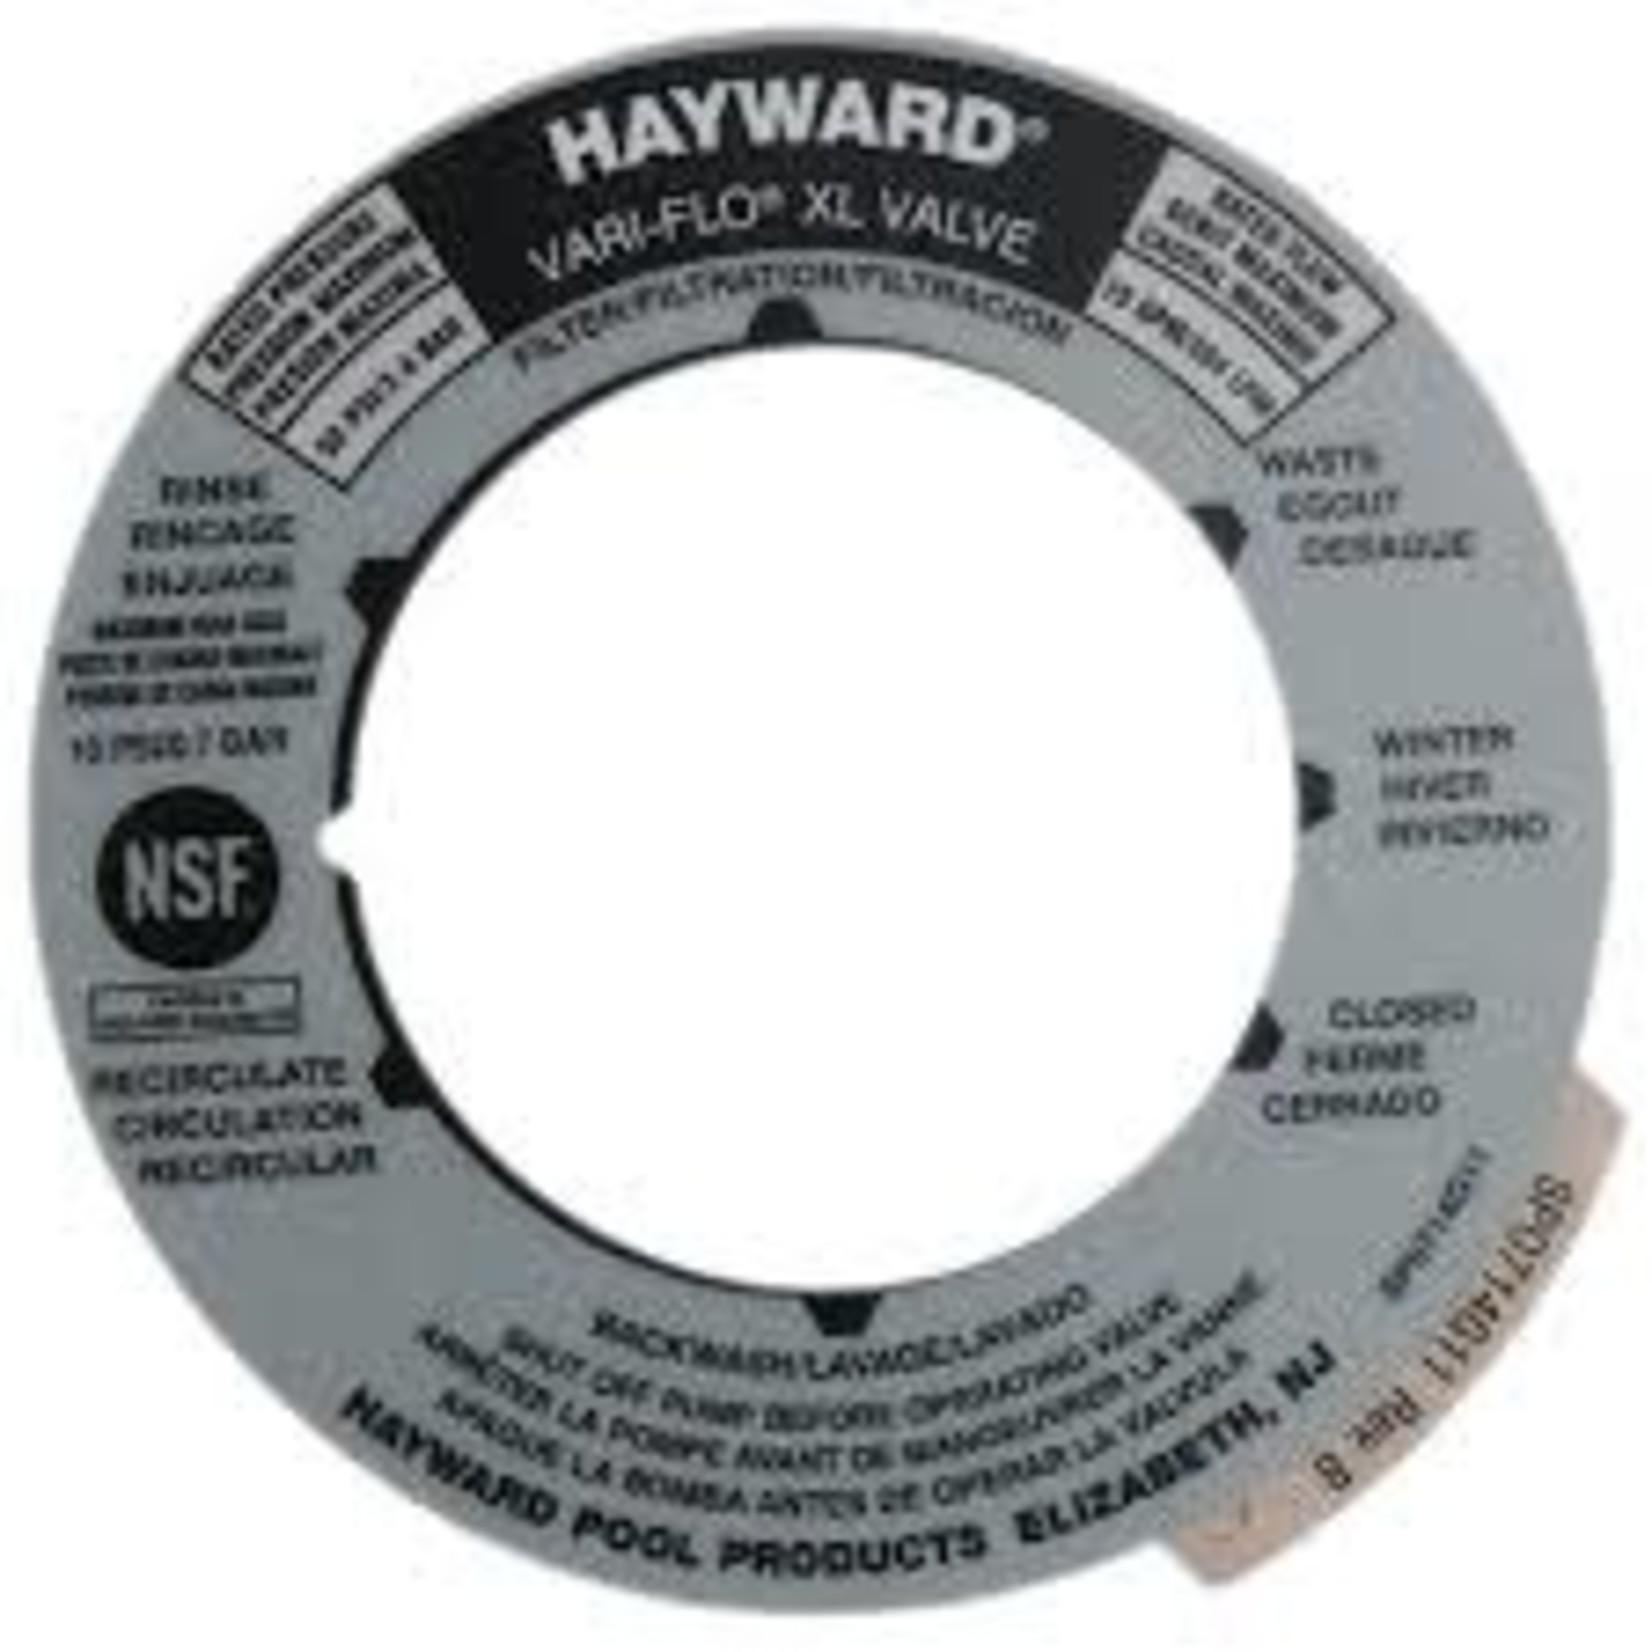 Hayward HAYWARD FILTER COVER LABEL